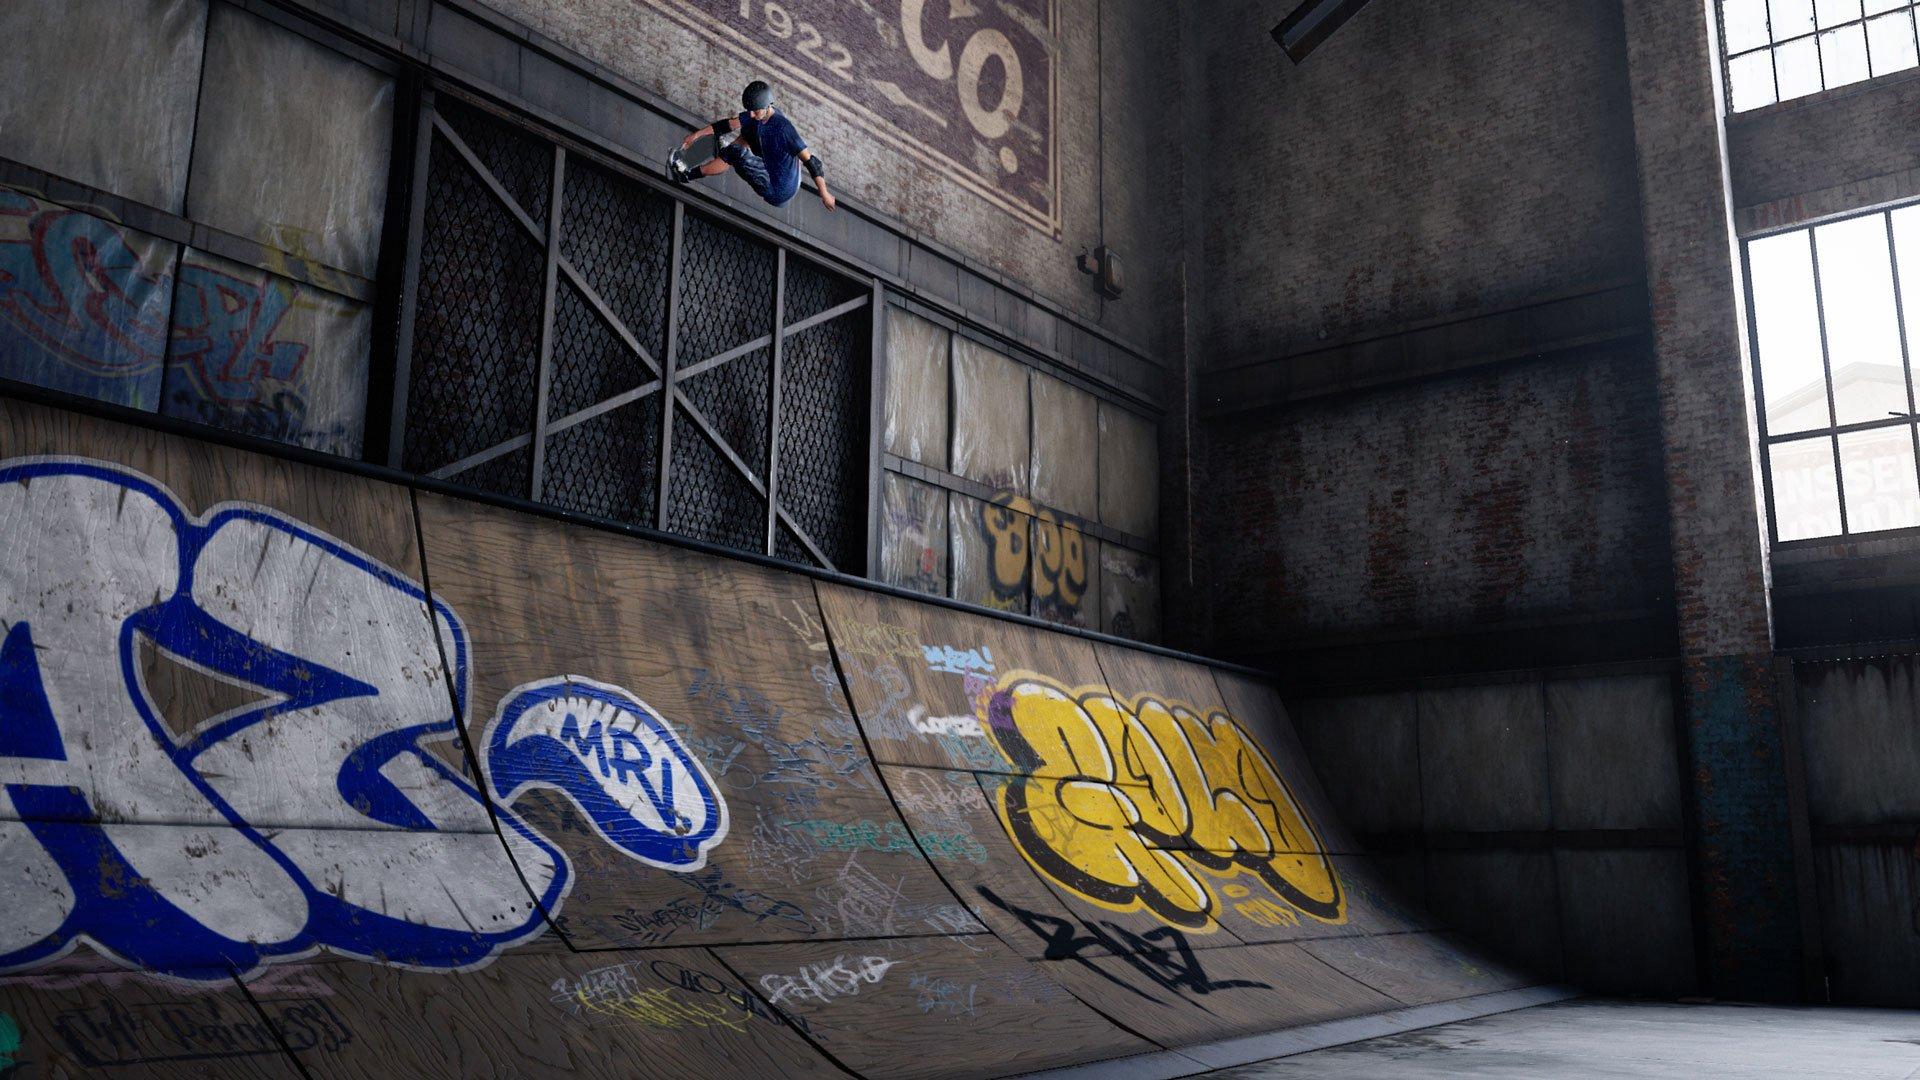 Tony Hawks pro skater 1+2 PS4 controls Xbox One